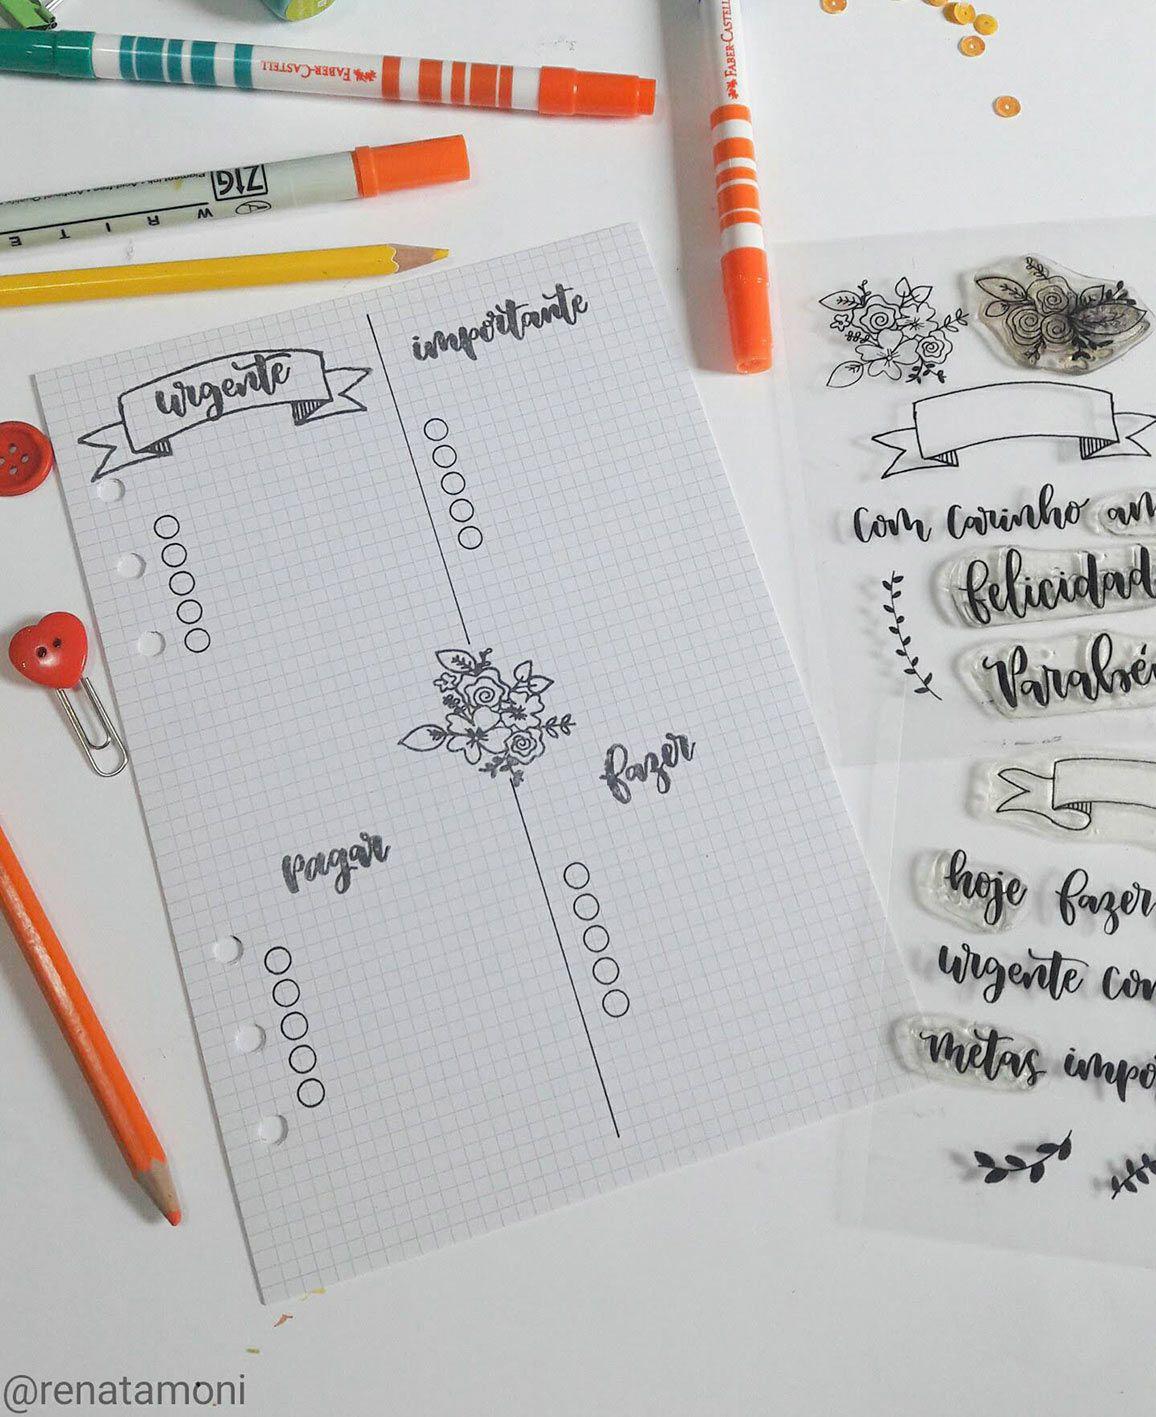 Kit de Carimbos - Planejando